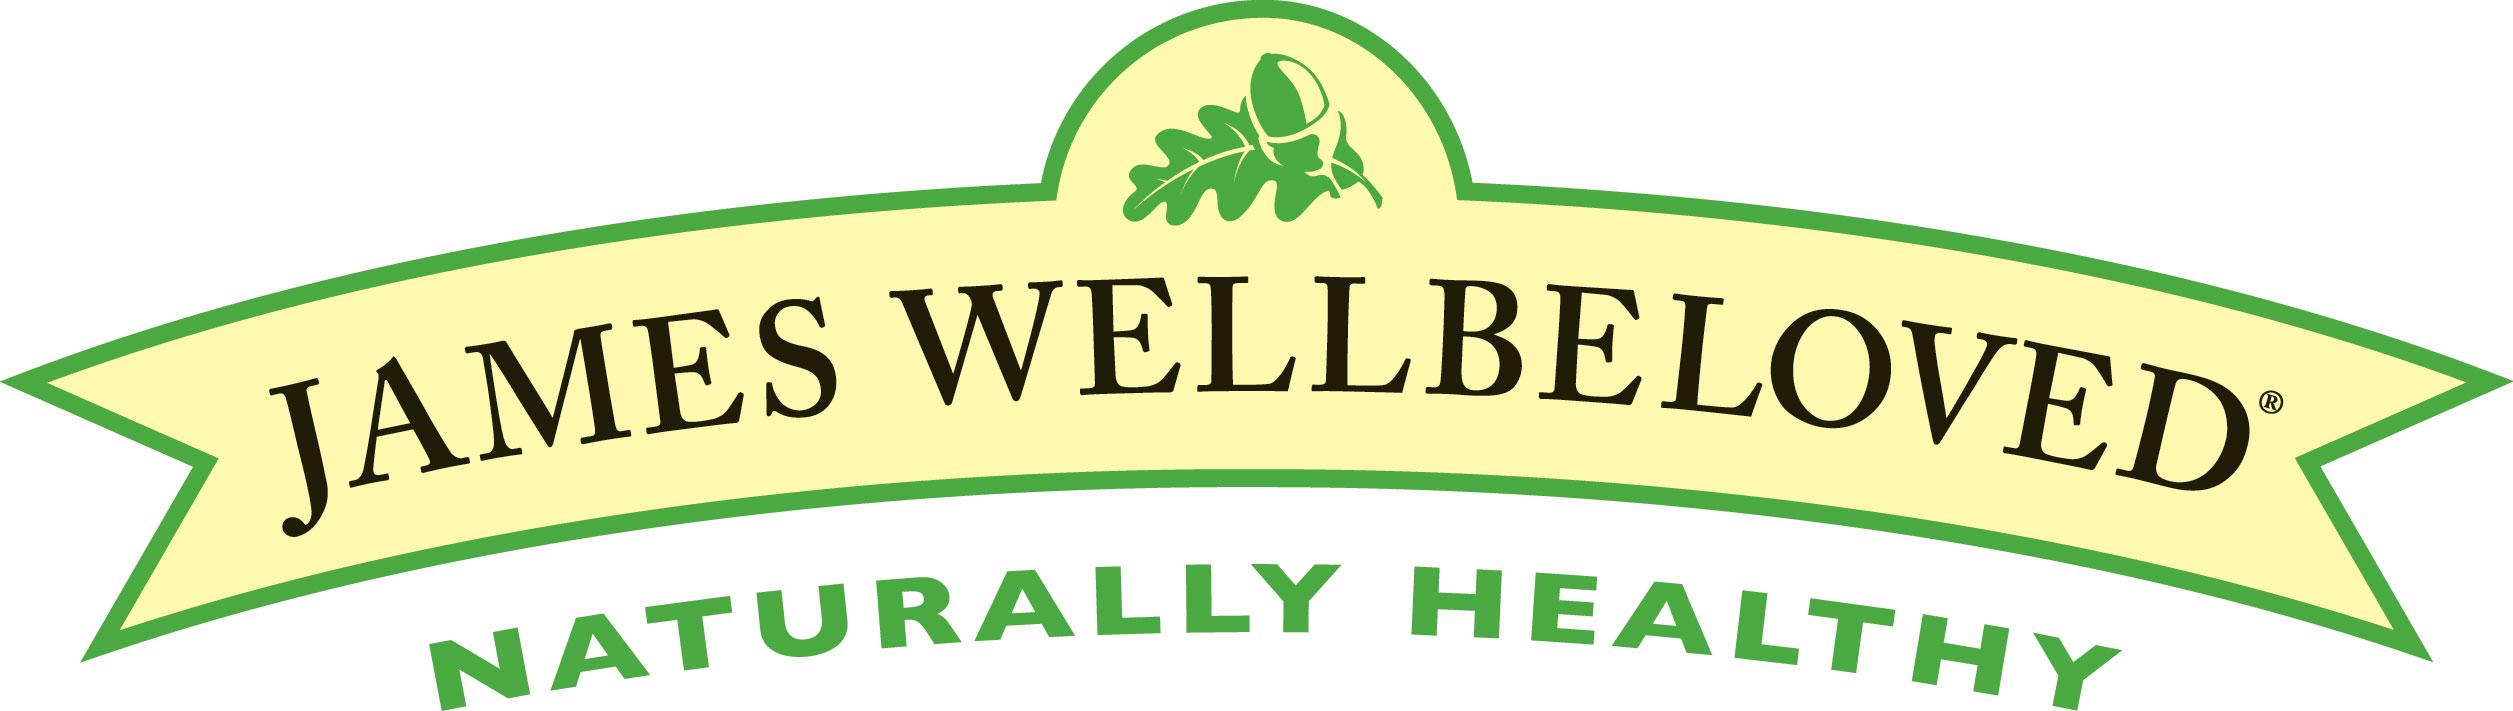 james wellbeloved logo